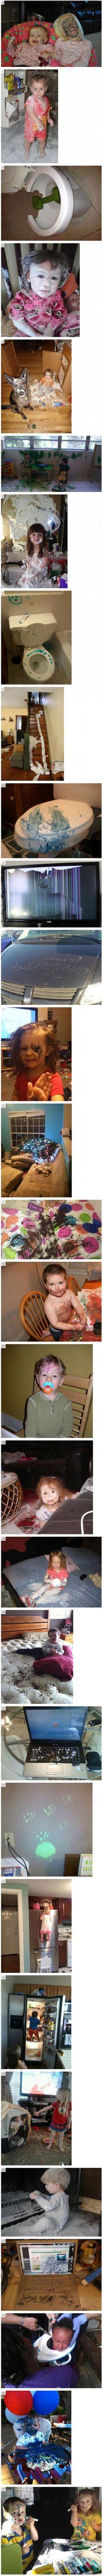 Angelitos desastrosos – diabluras de niños